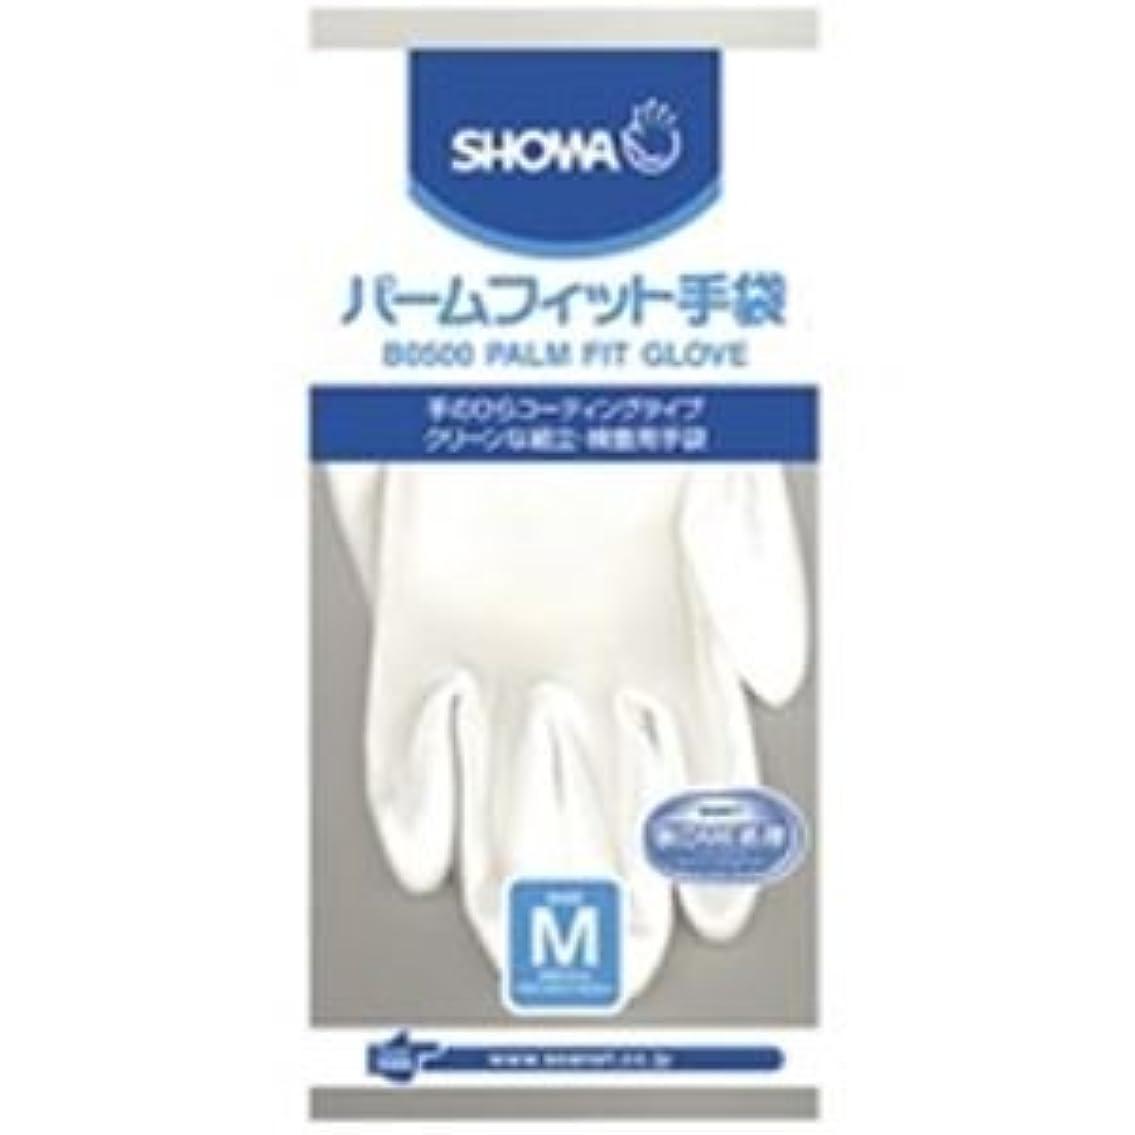 考古学場合動物(業務用10セット)ショーワ パームフィット手袋 B0500 M 白 ds-1464761